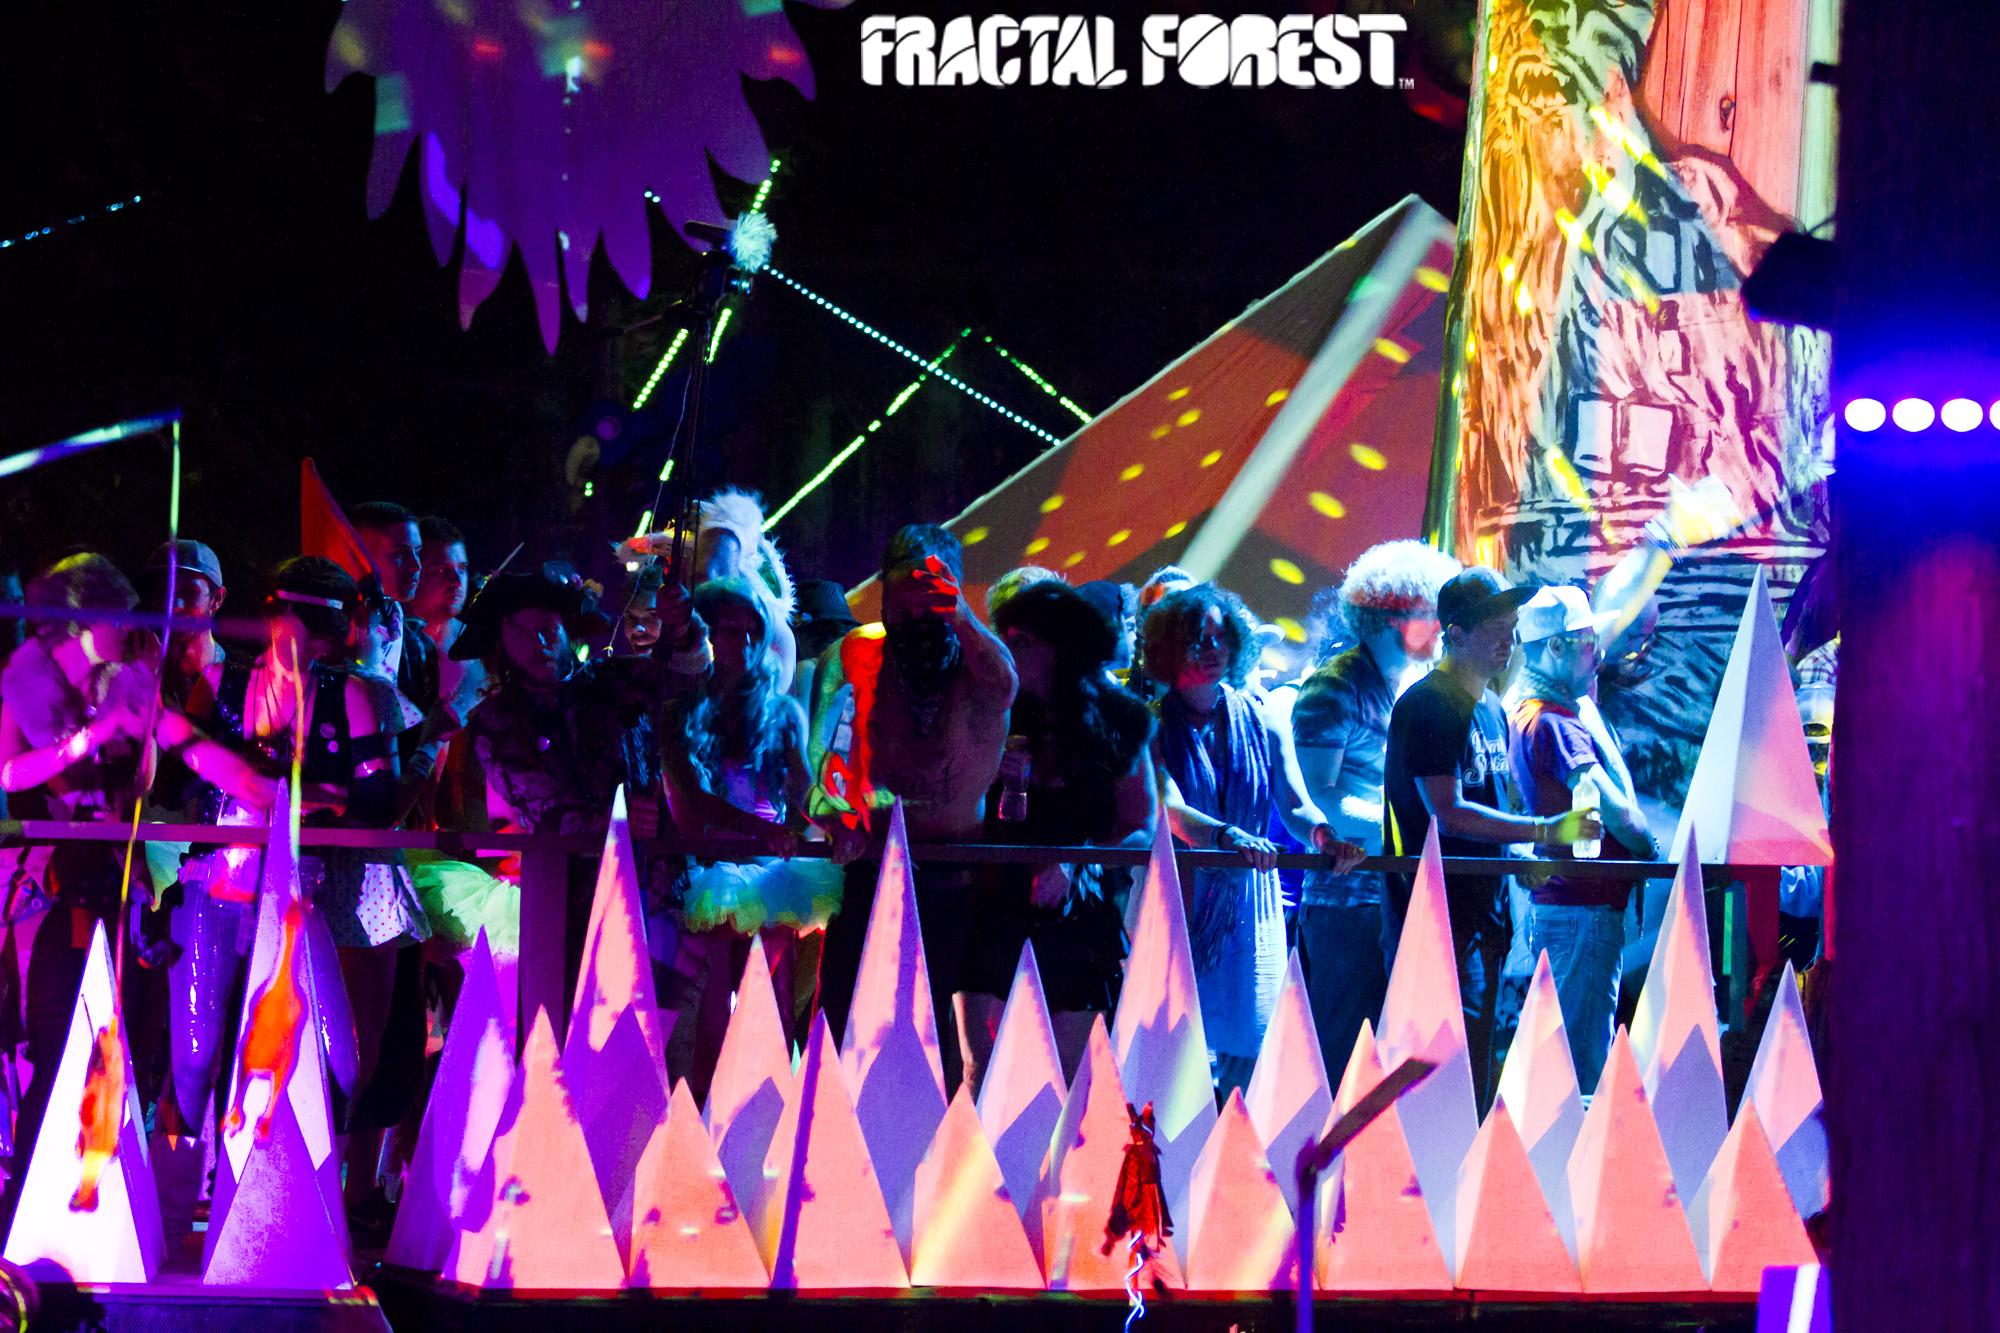 Fractal-Forest-High-Rez-106